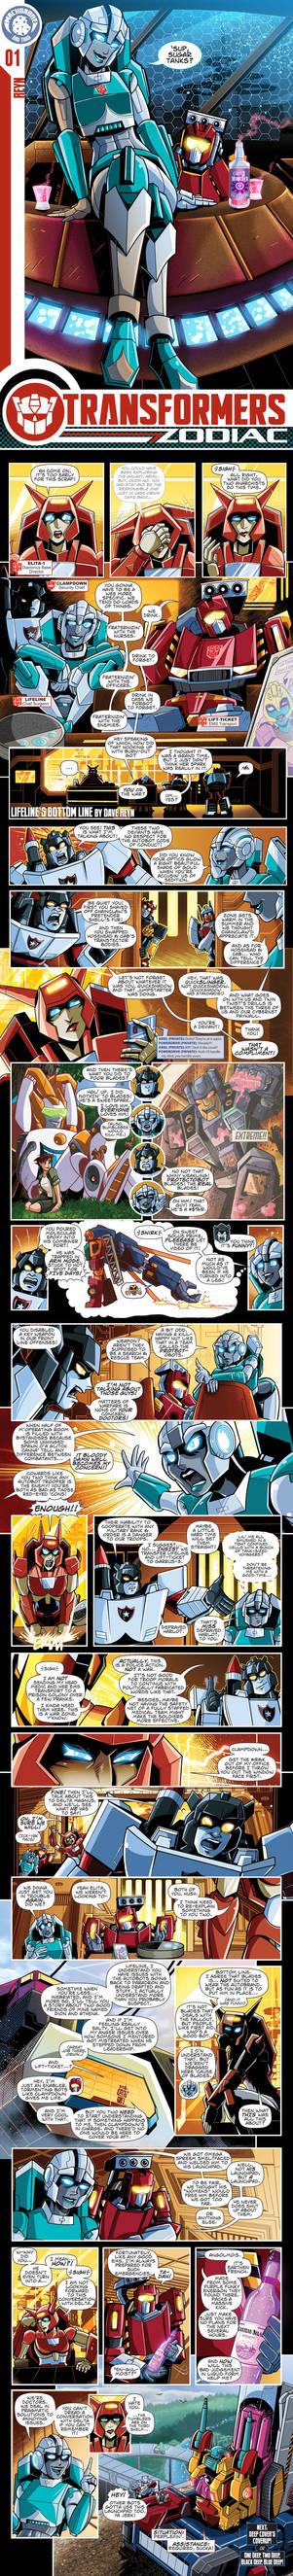 Transformers Zodiac: 01 Lifeline